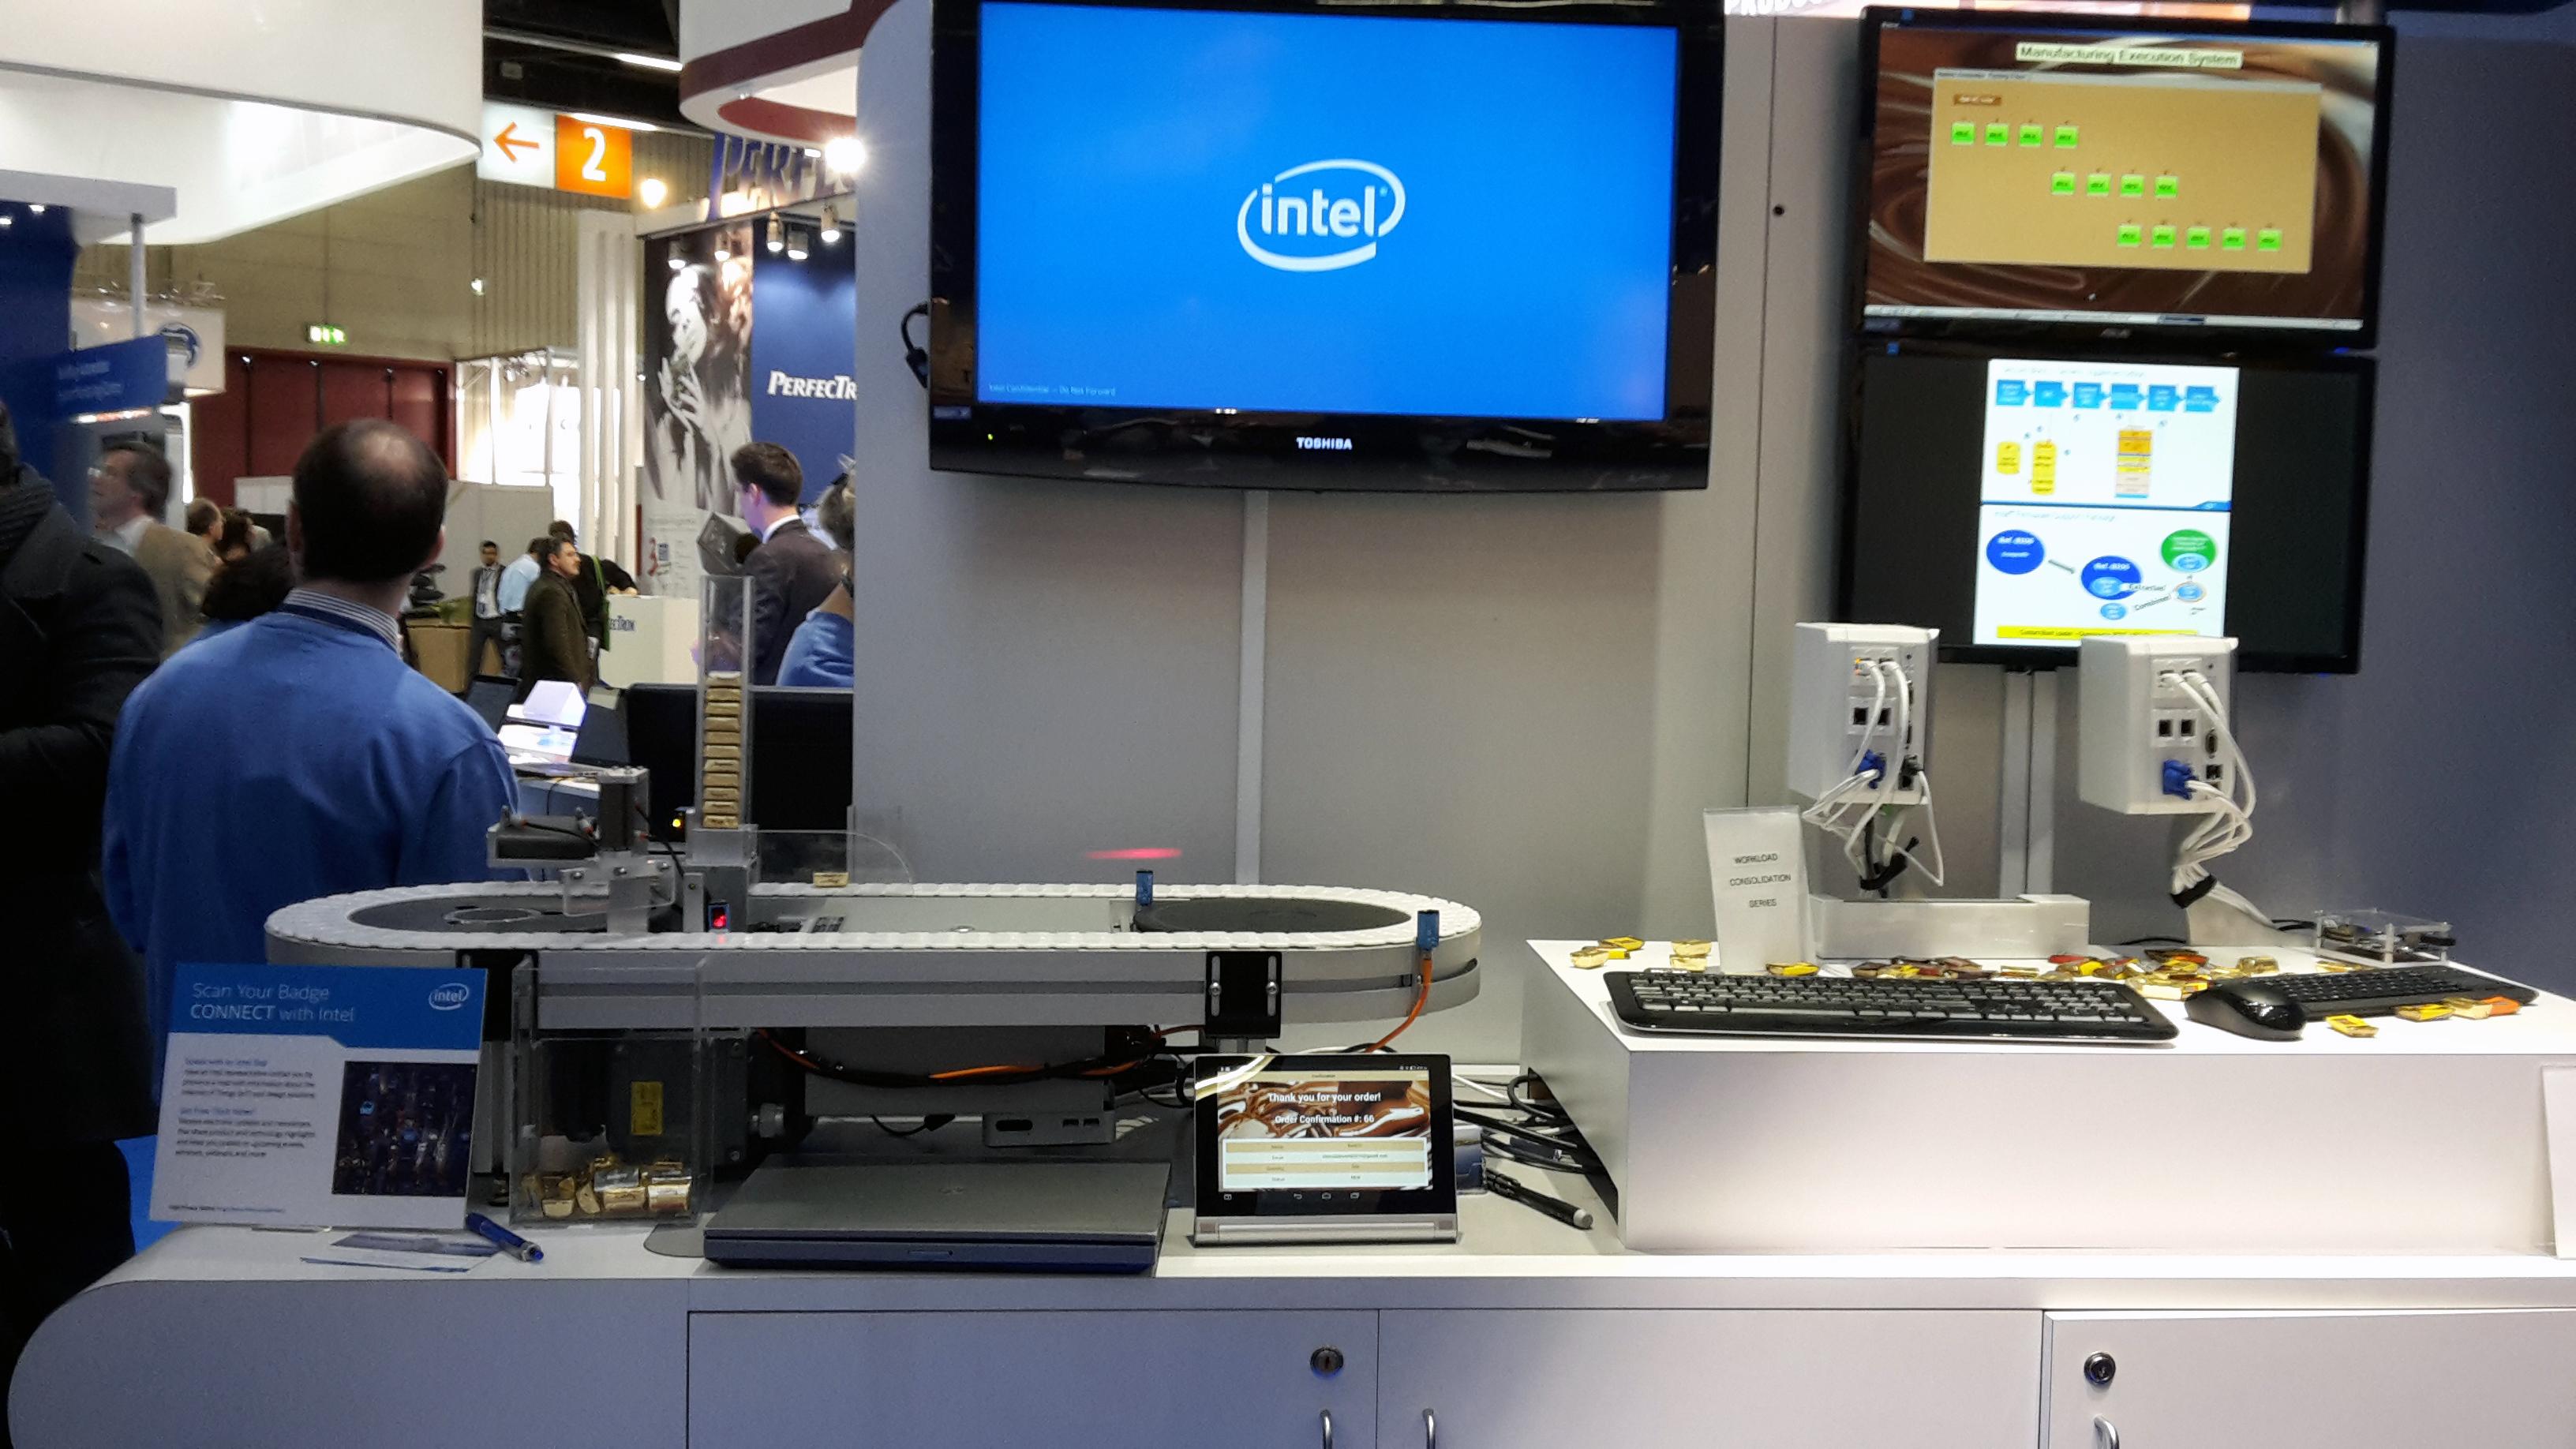 Smarte Schokoladenfabrik - Internet der Dinge Anwendungsszenario bei Intel, Intel Stand Halle 1/1-328